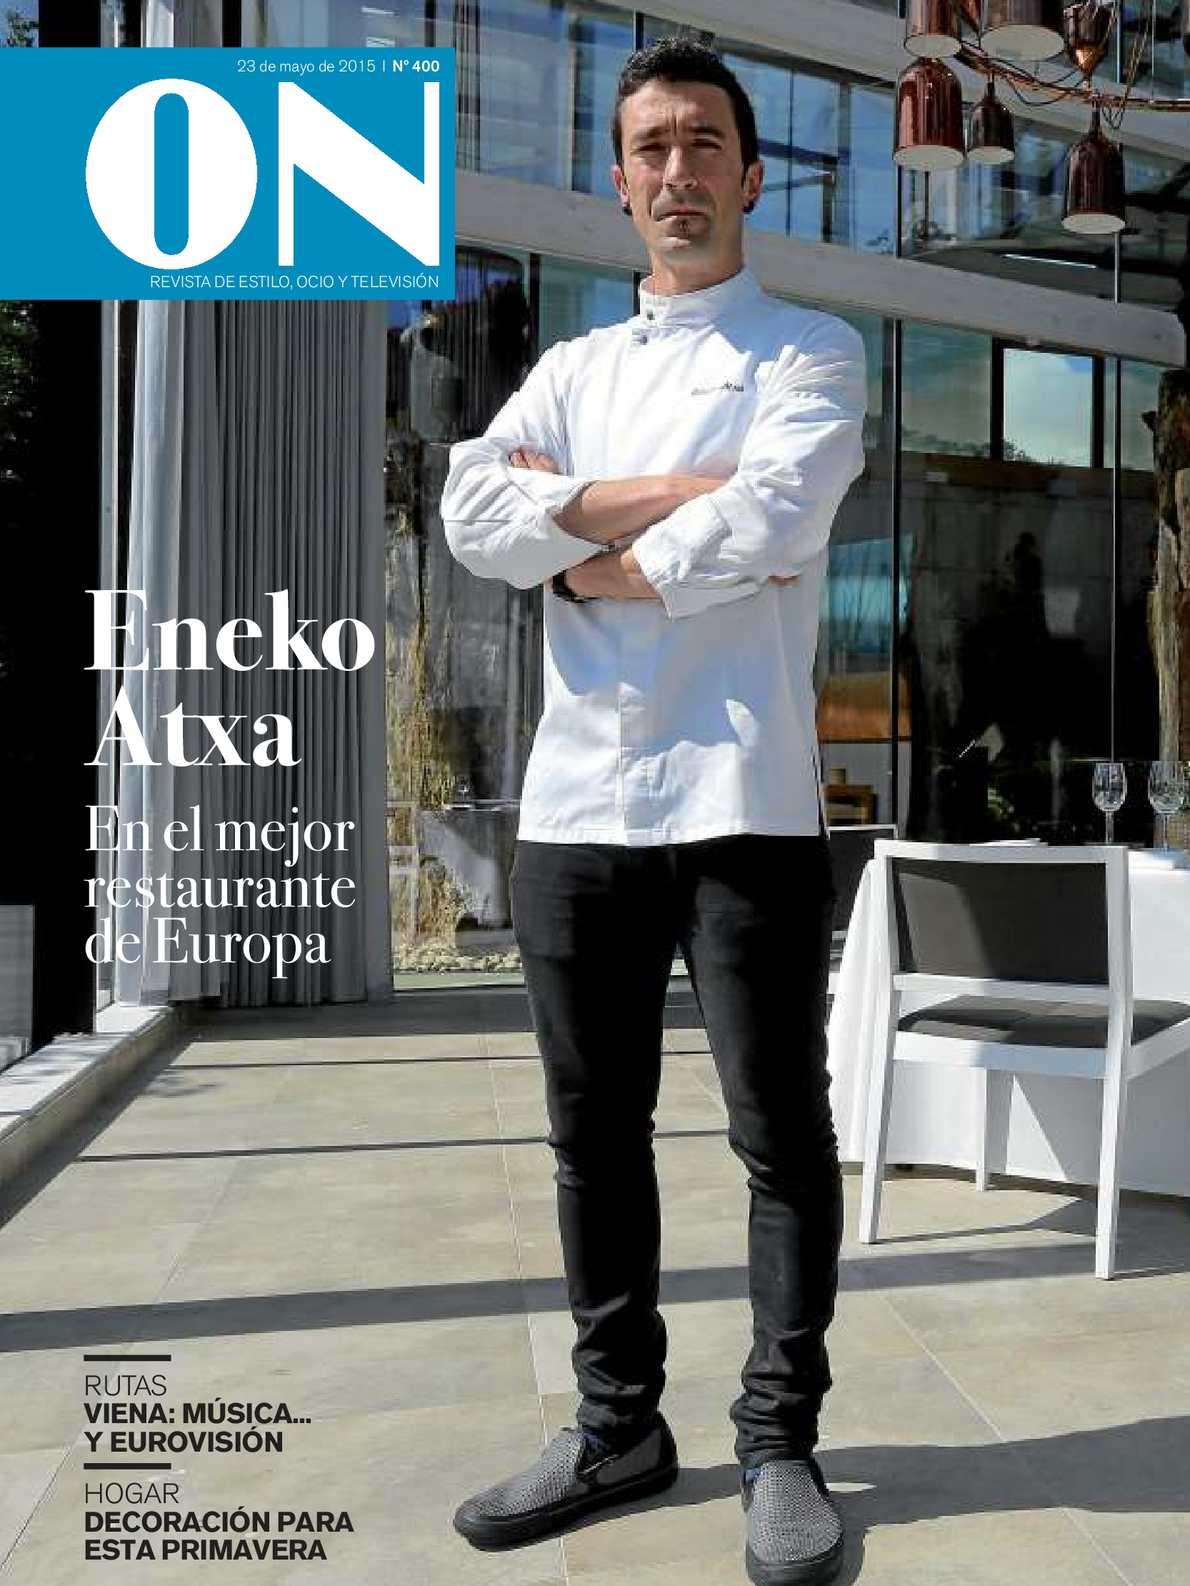 20150523 Estilo Y Calaméo De Revista Ocio On 0wOXnkP8